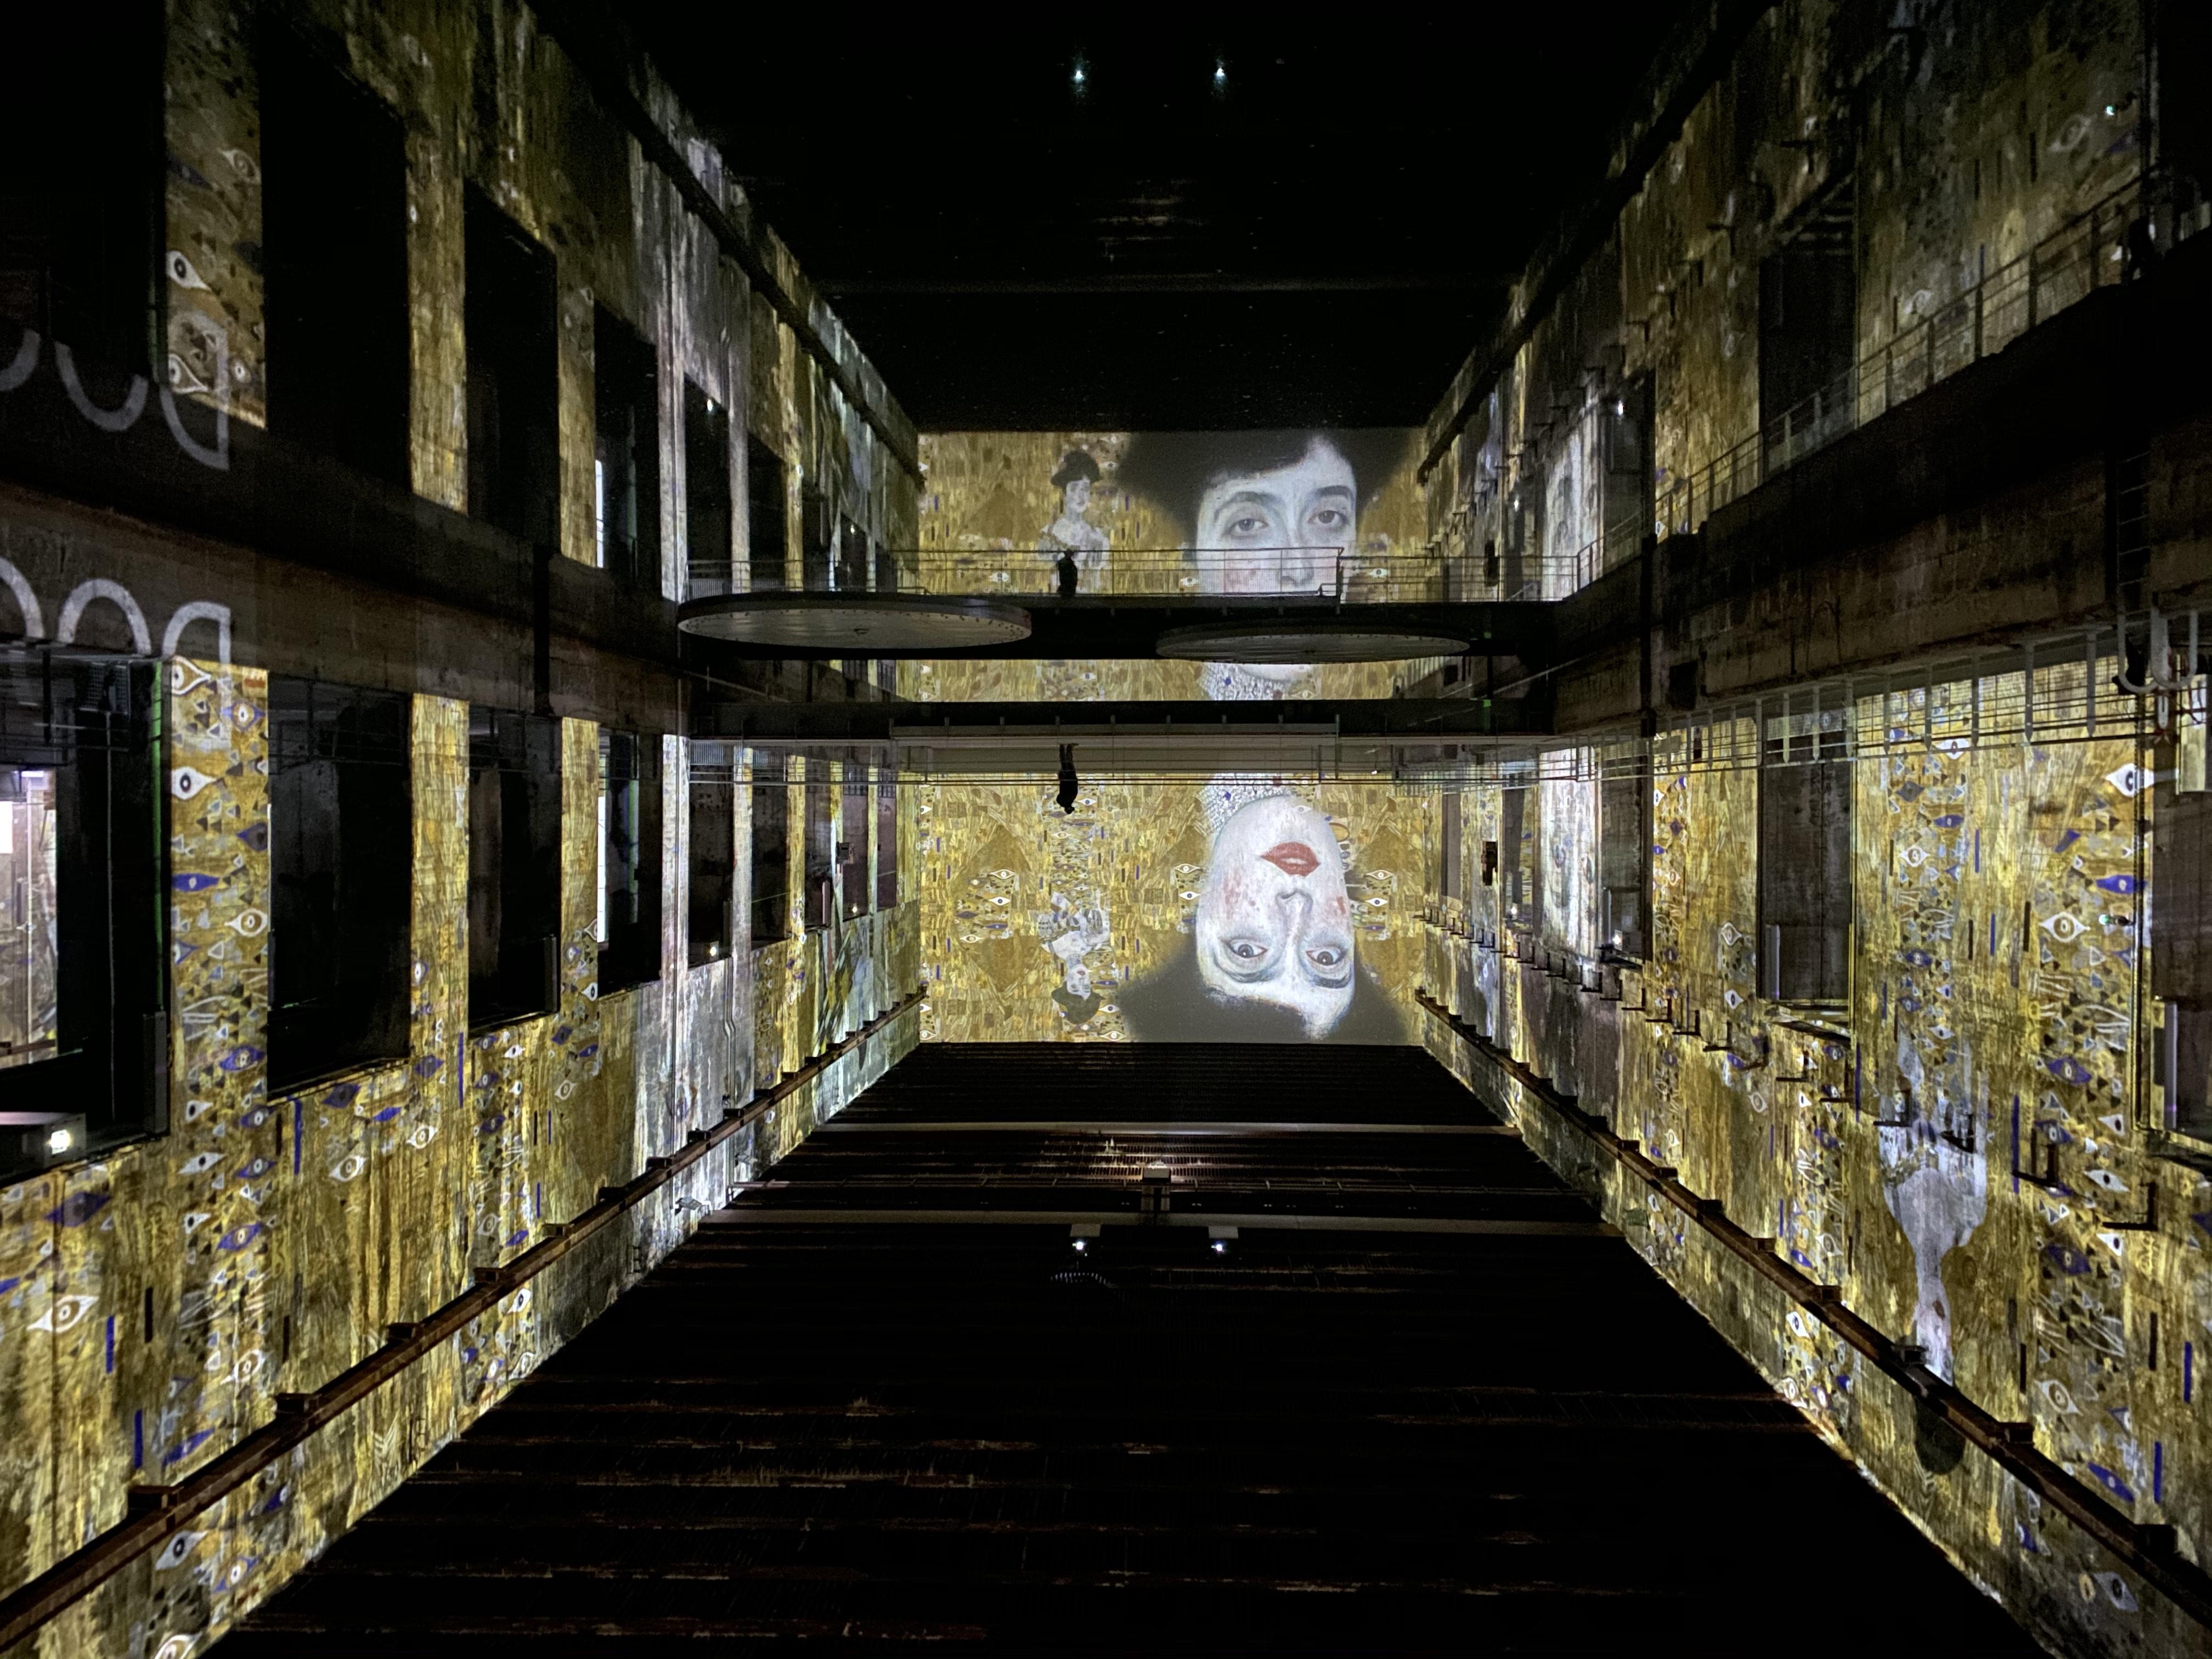 bassins de lumieres projection 1